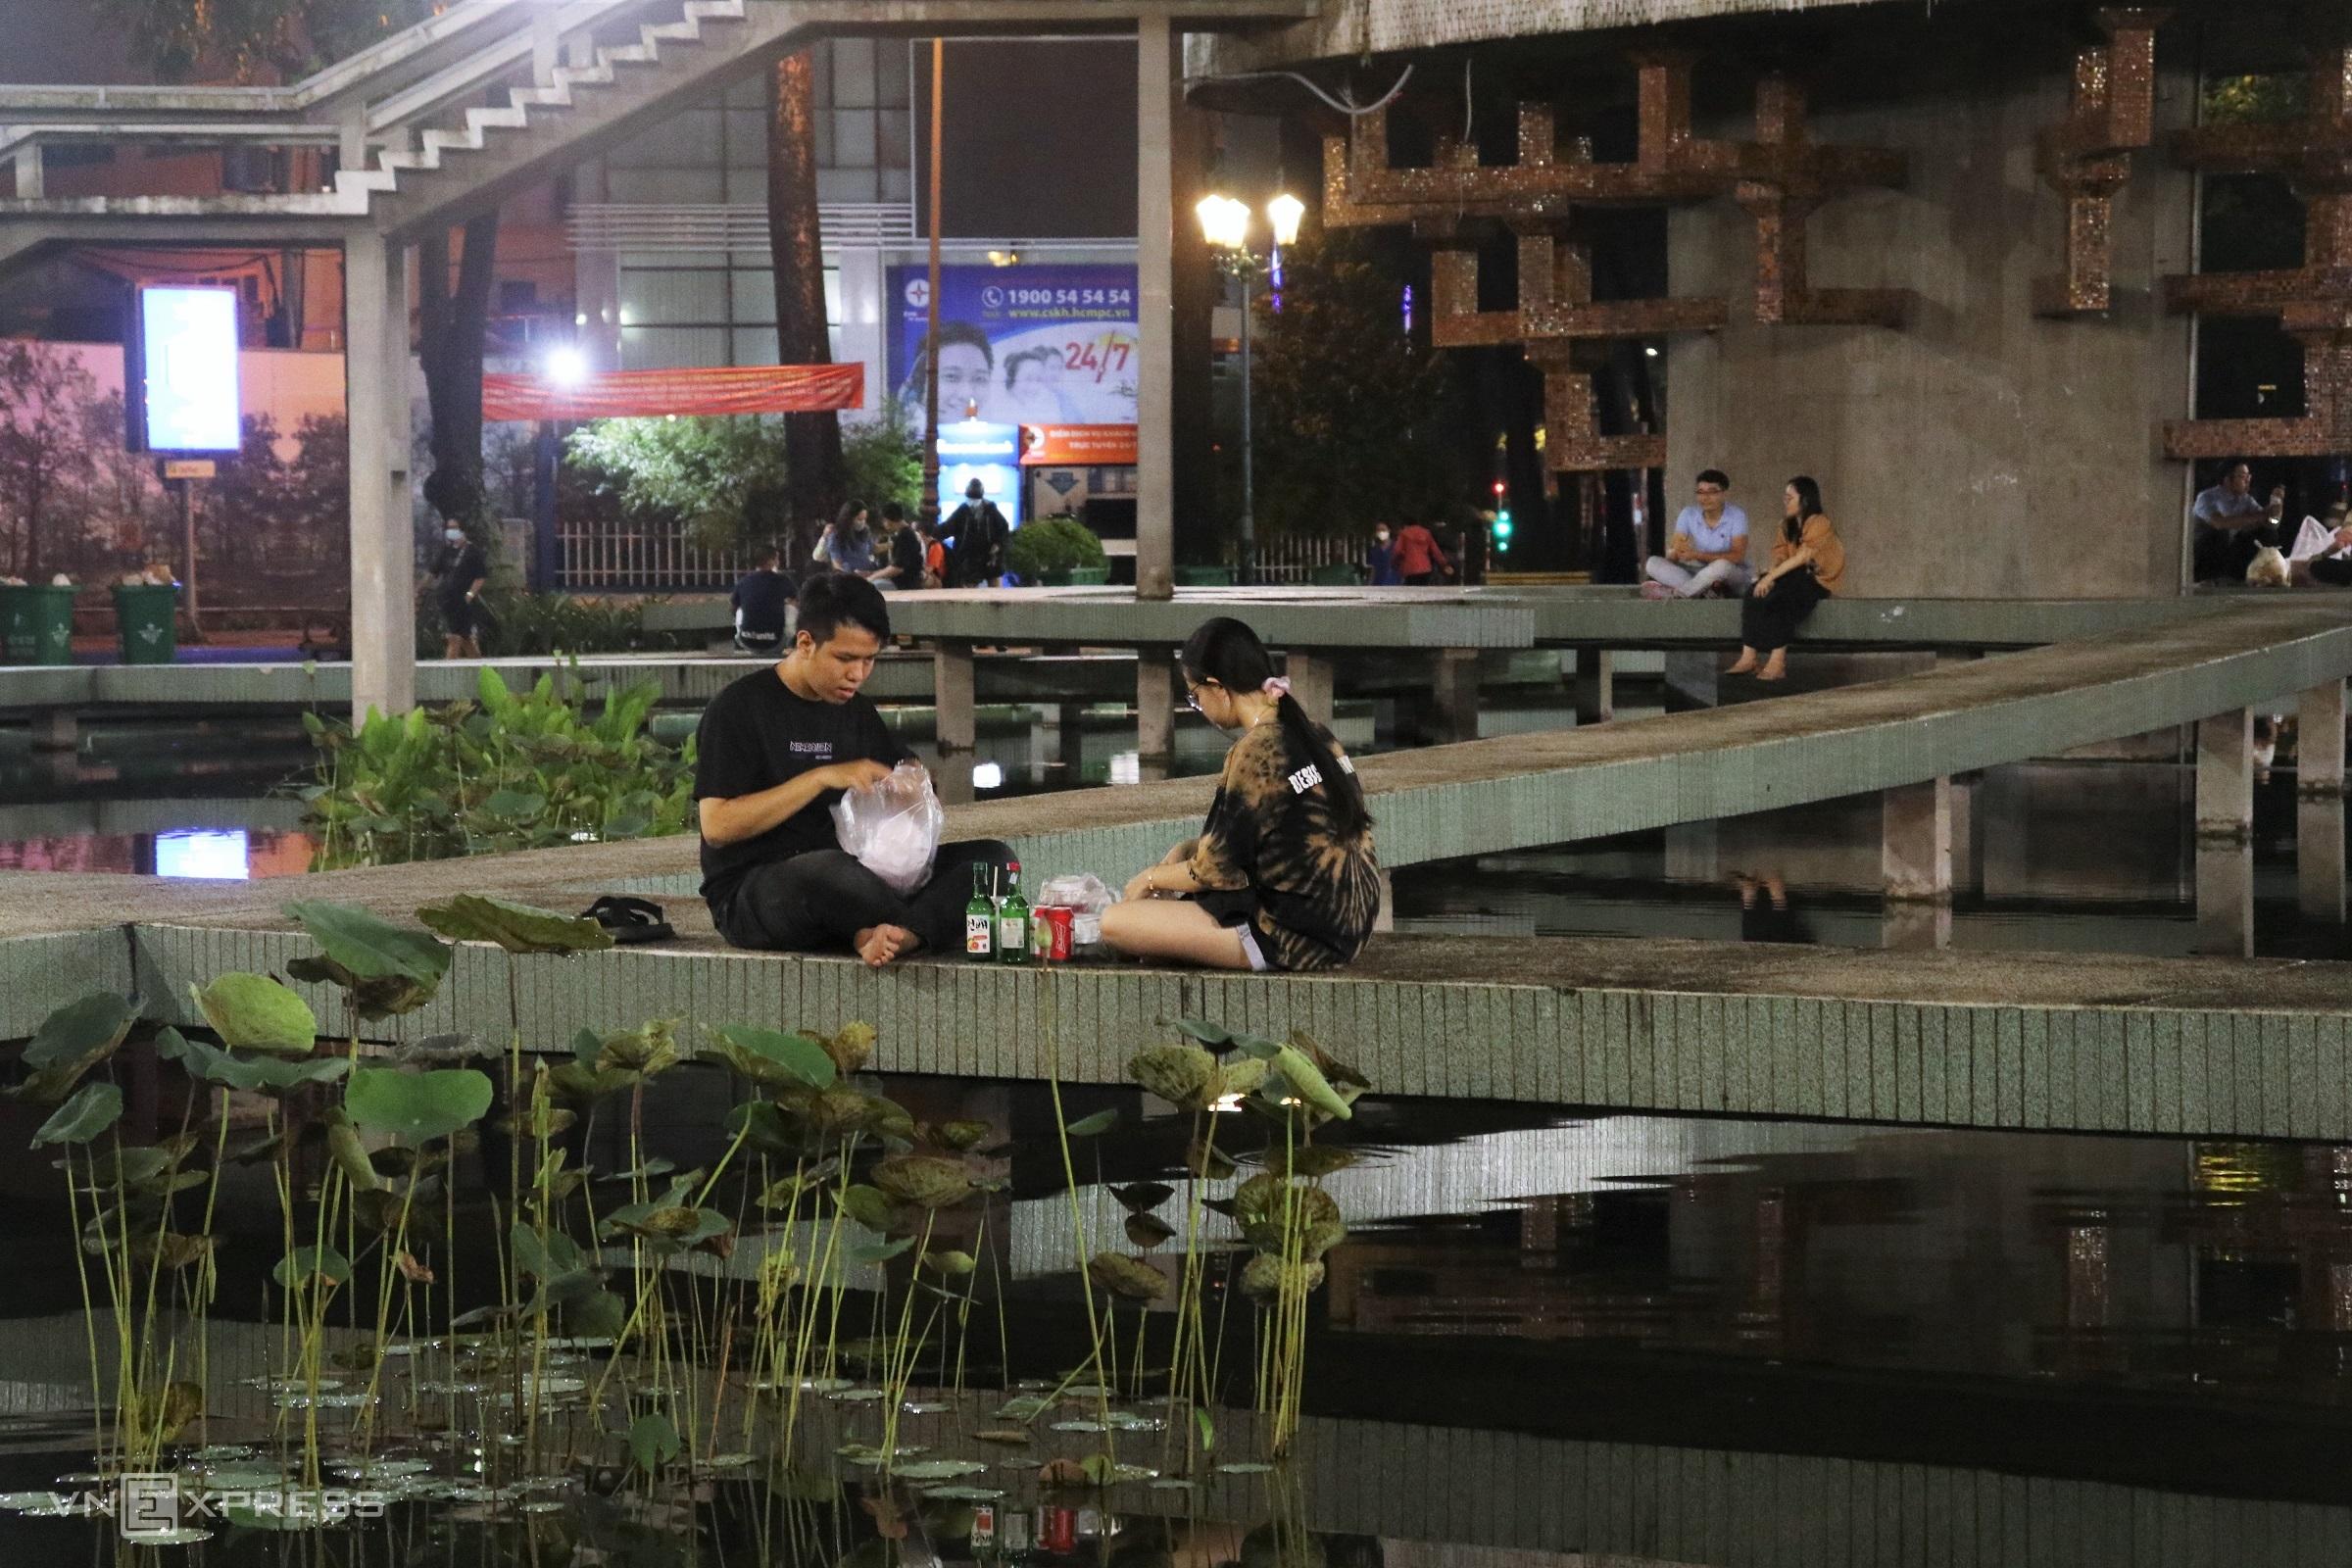 Nhiều ngày liên tục Sài Gòn có mưa lớn, mực nước hồ Con Rùa dâng cao, sạch hơn thường ngày. Ảnh: Huỳnh Nhi